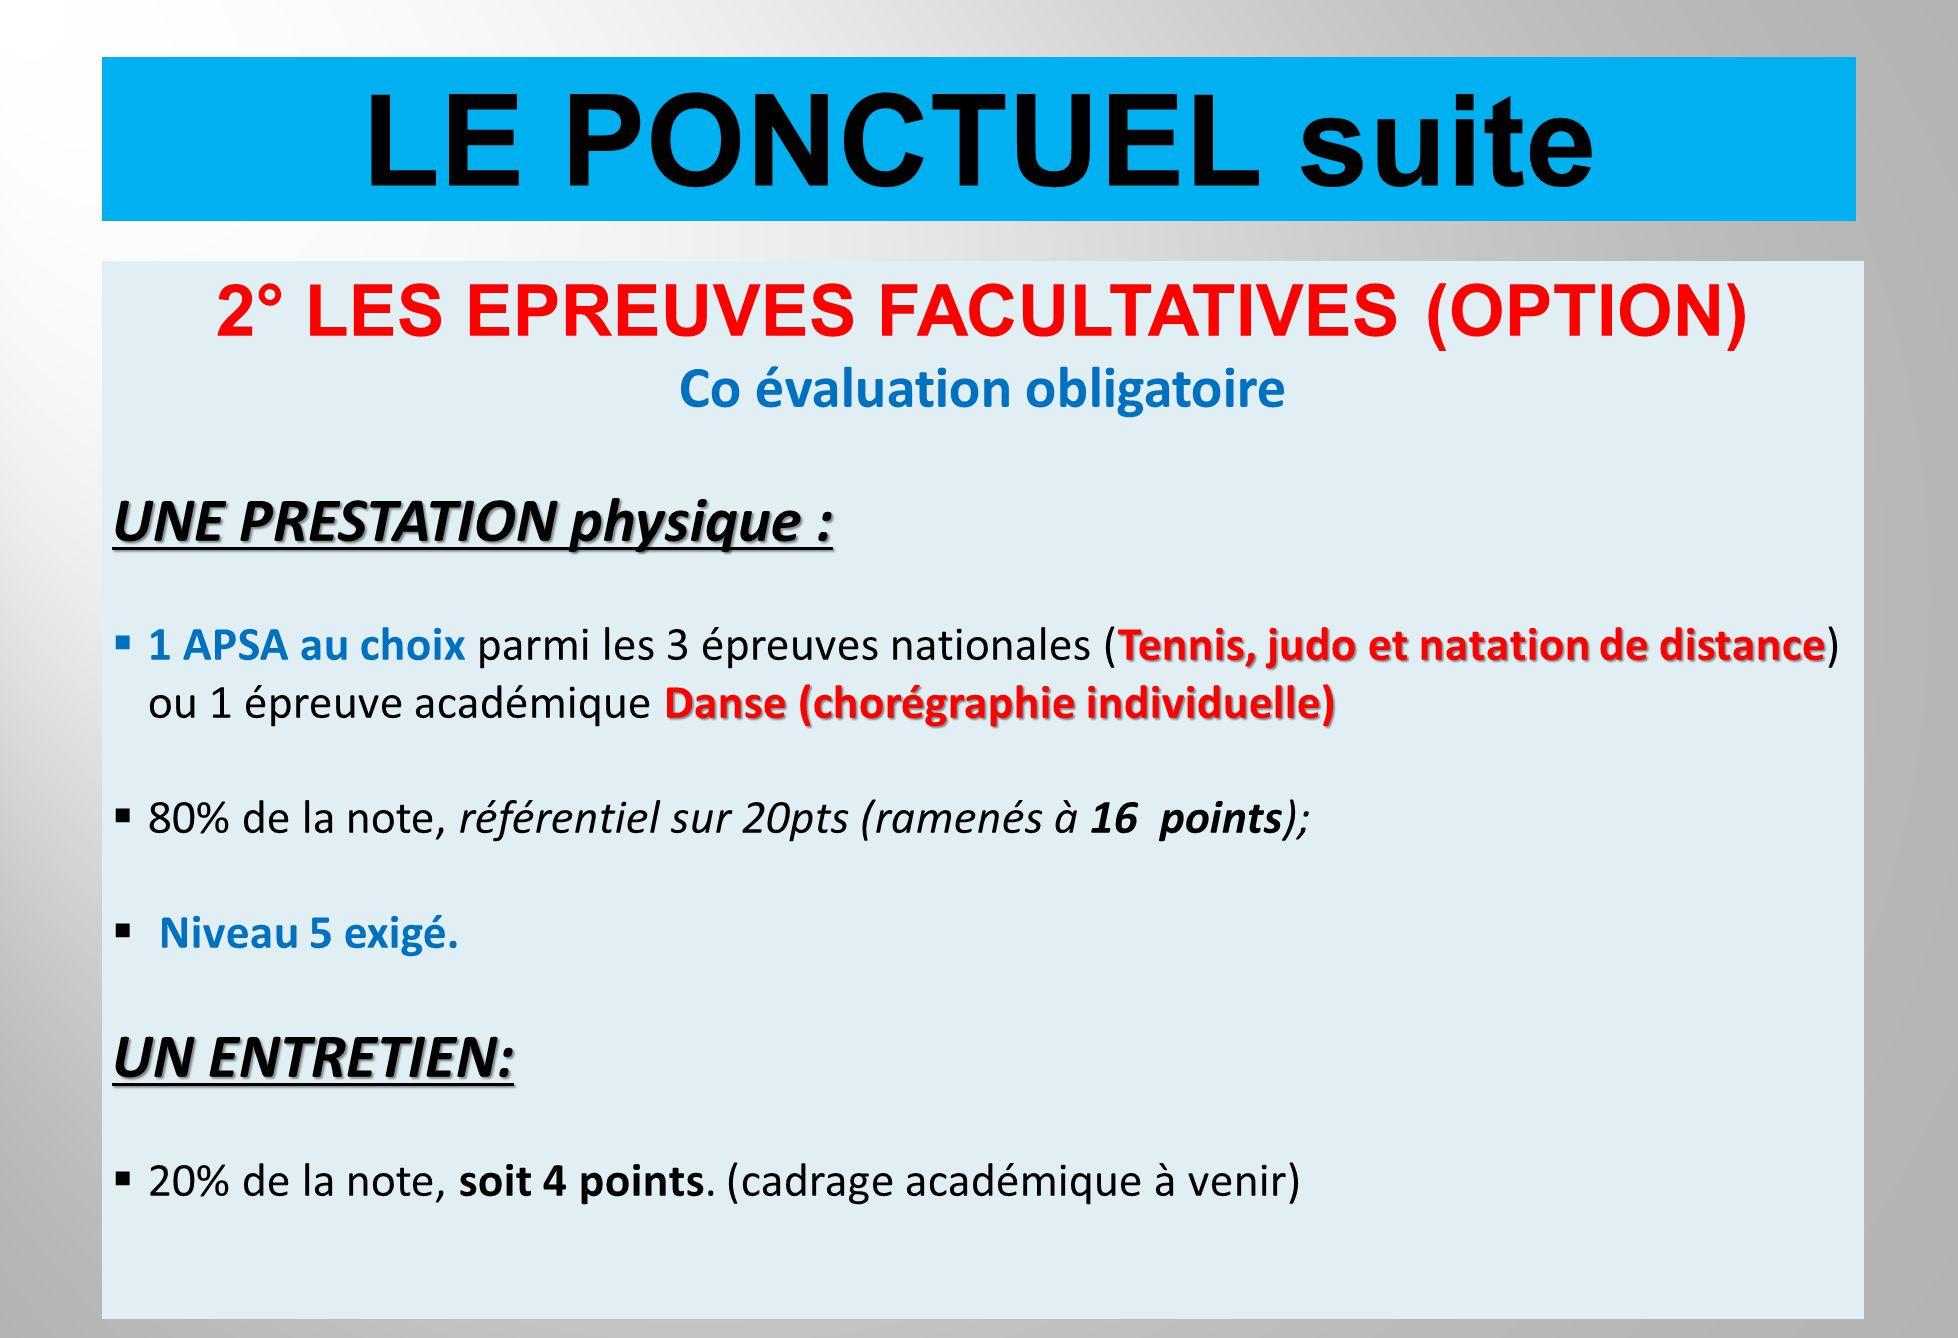 LE PONCTUEL suite 2° LES EPREUVES FACULTATIVES (OPTION) Co évaluation obligatoire UNE PRESTATION physique : Tennis, judo et natation de distance Danse